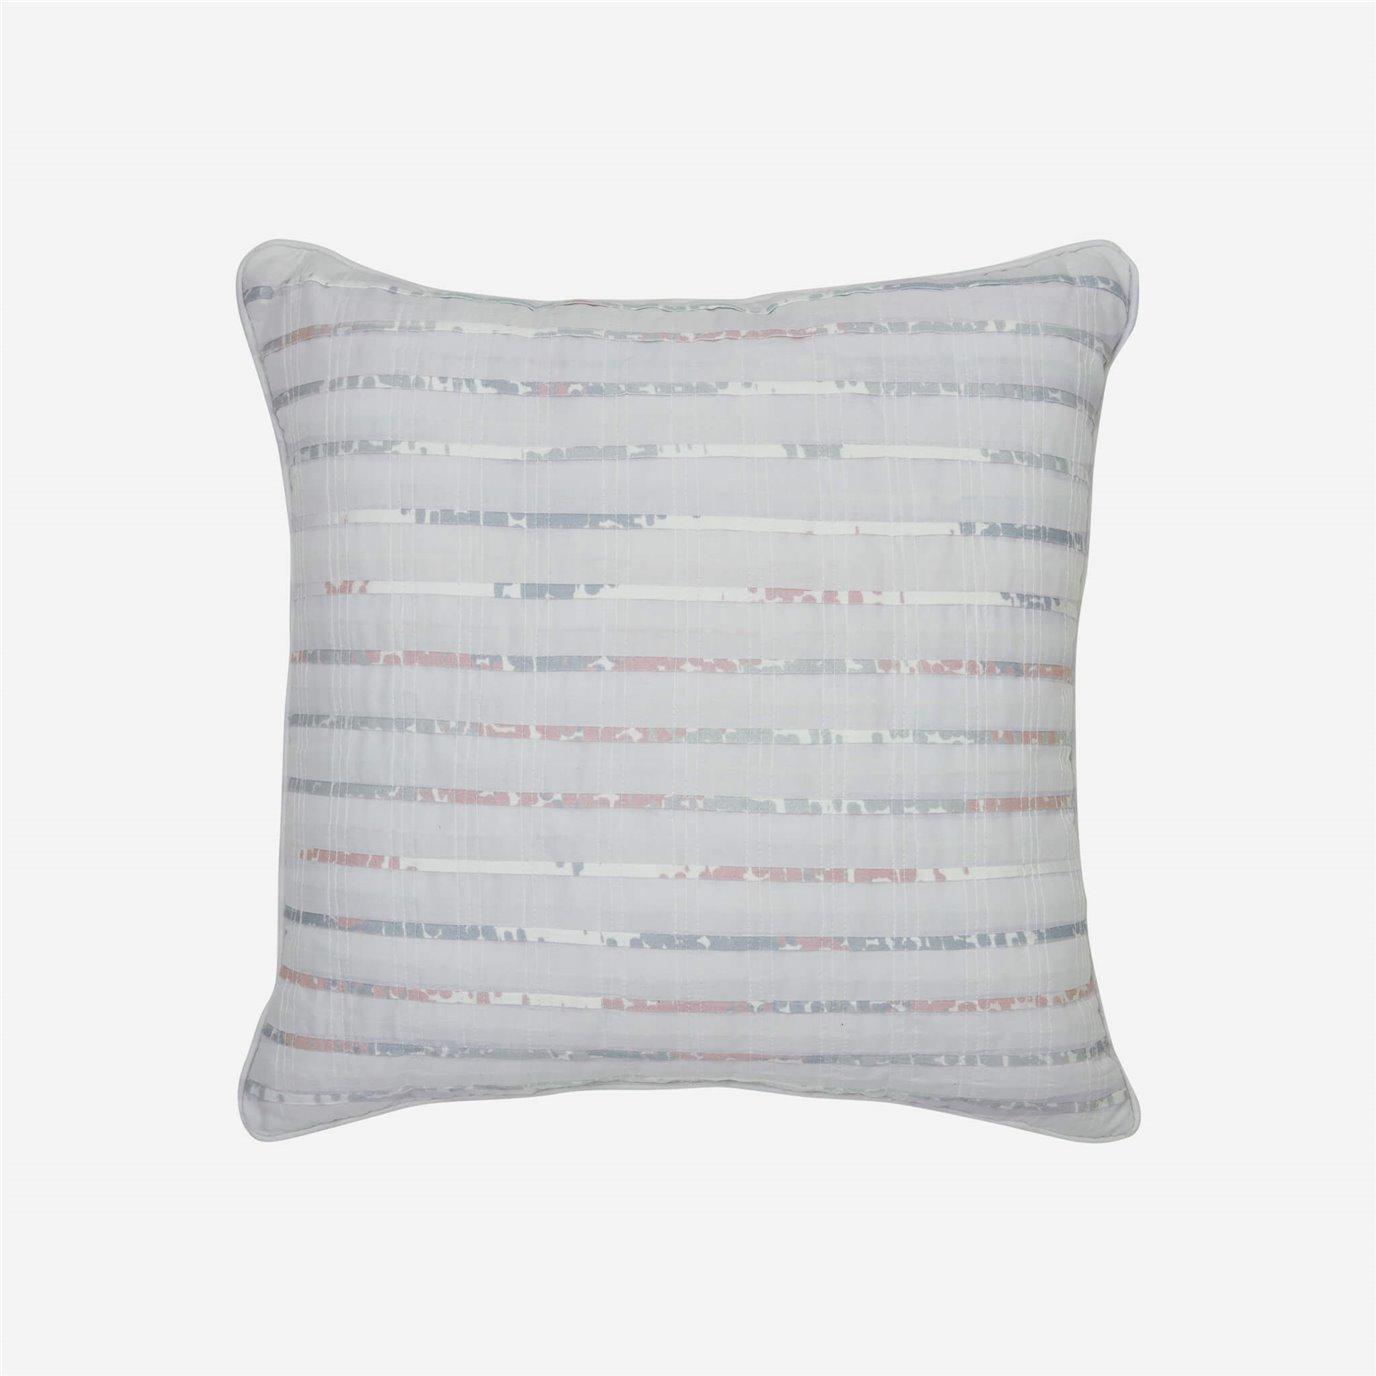 Croscill Clapton Square Pillow 18x18